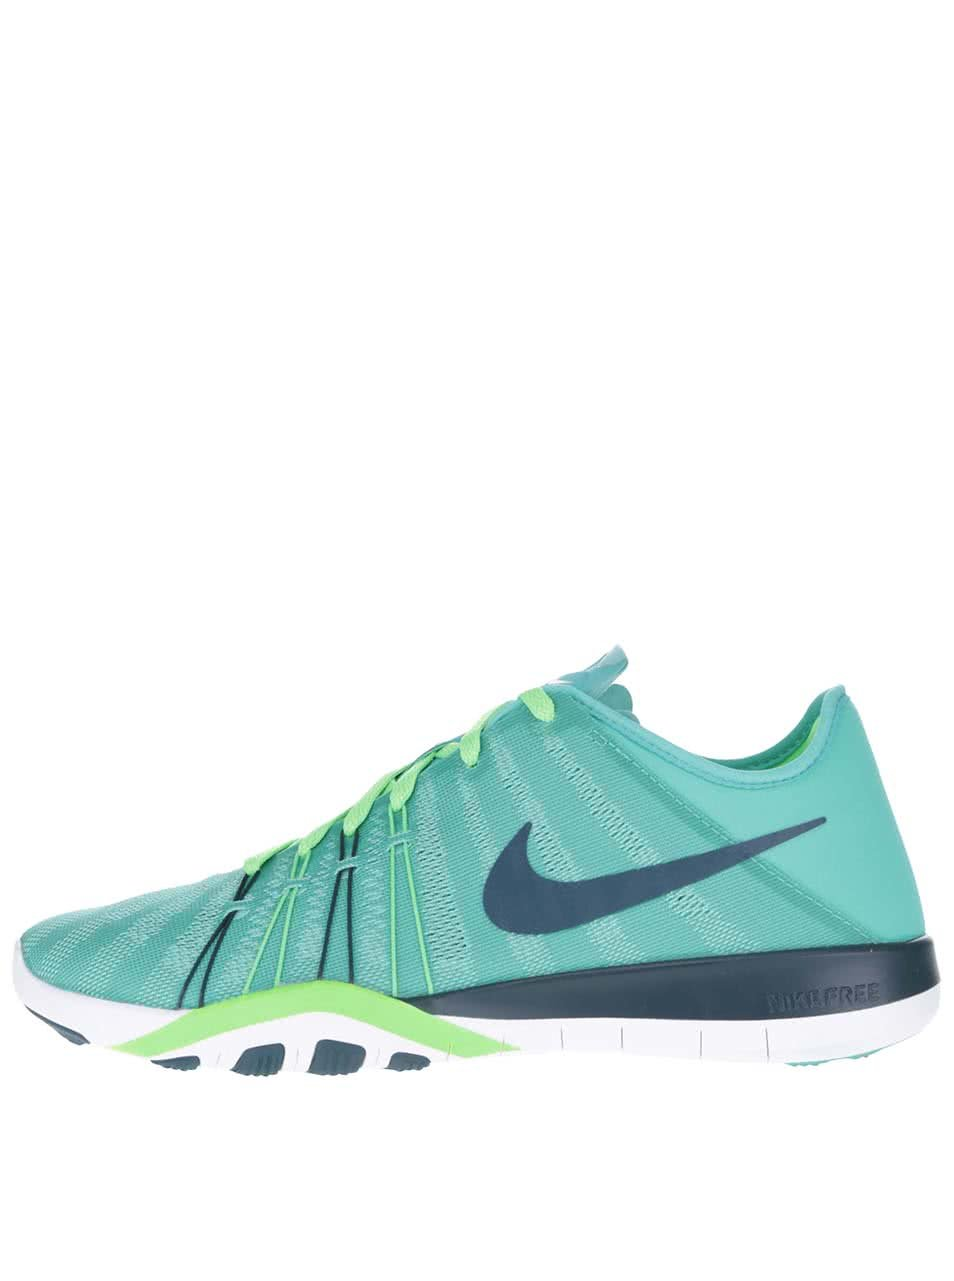 Zeleno-modré dámské tenisky Nike Free 6